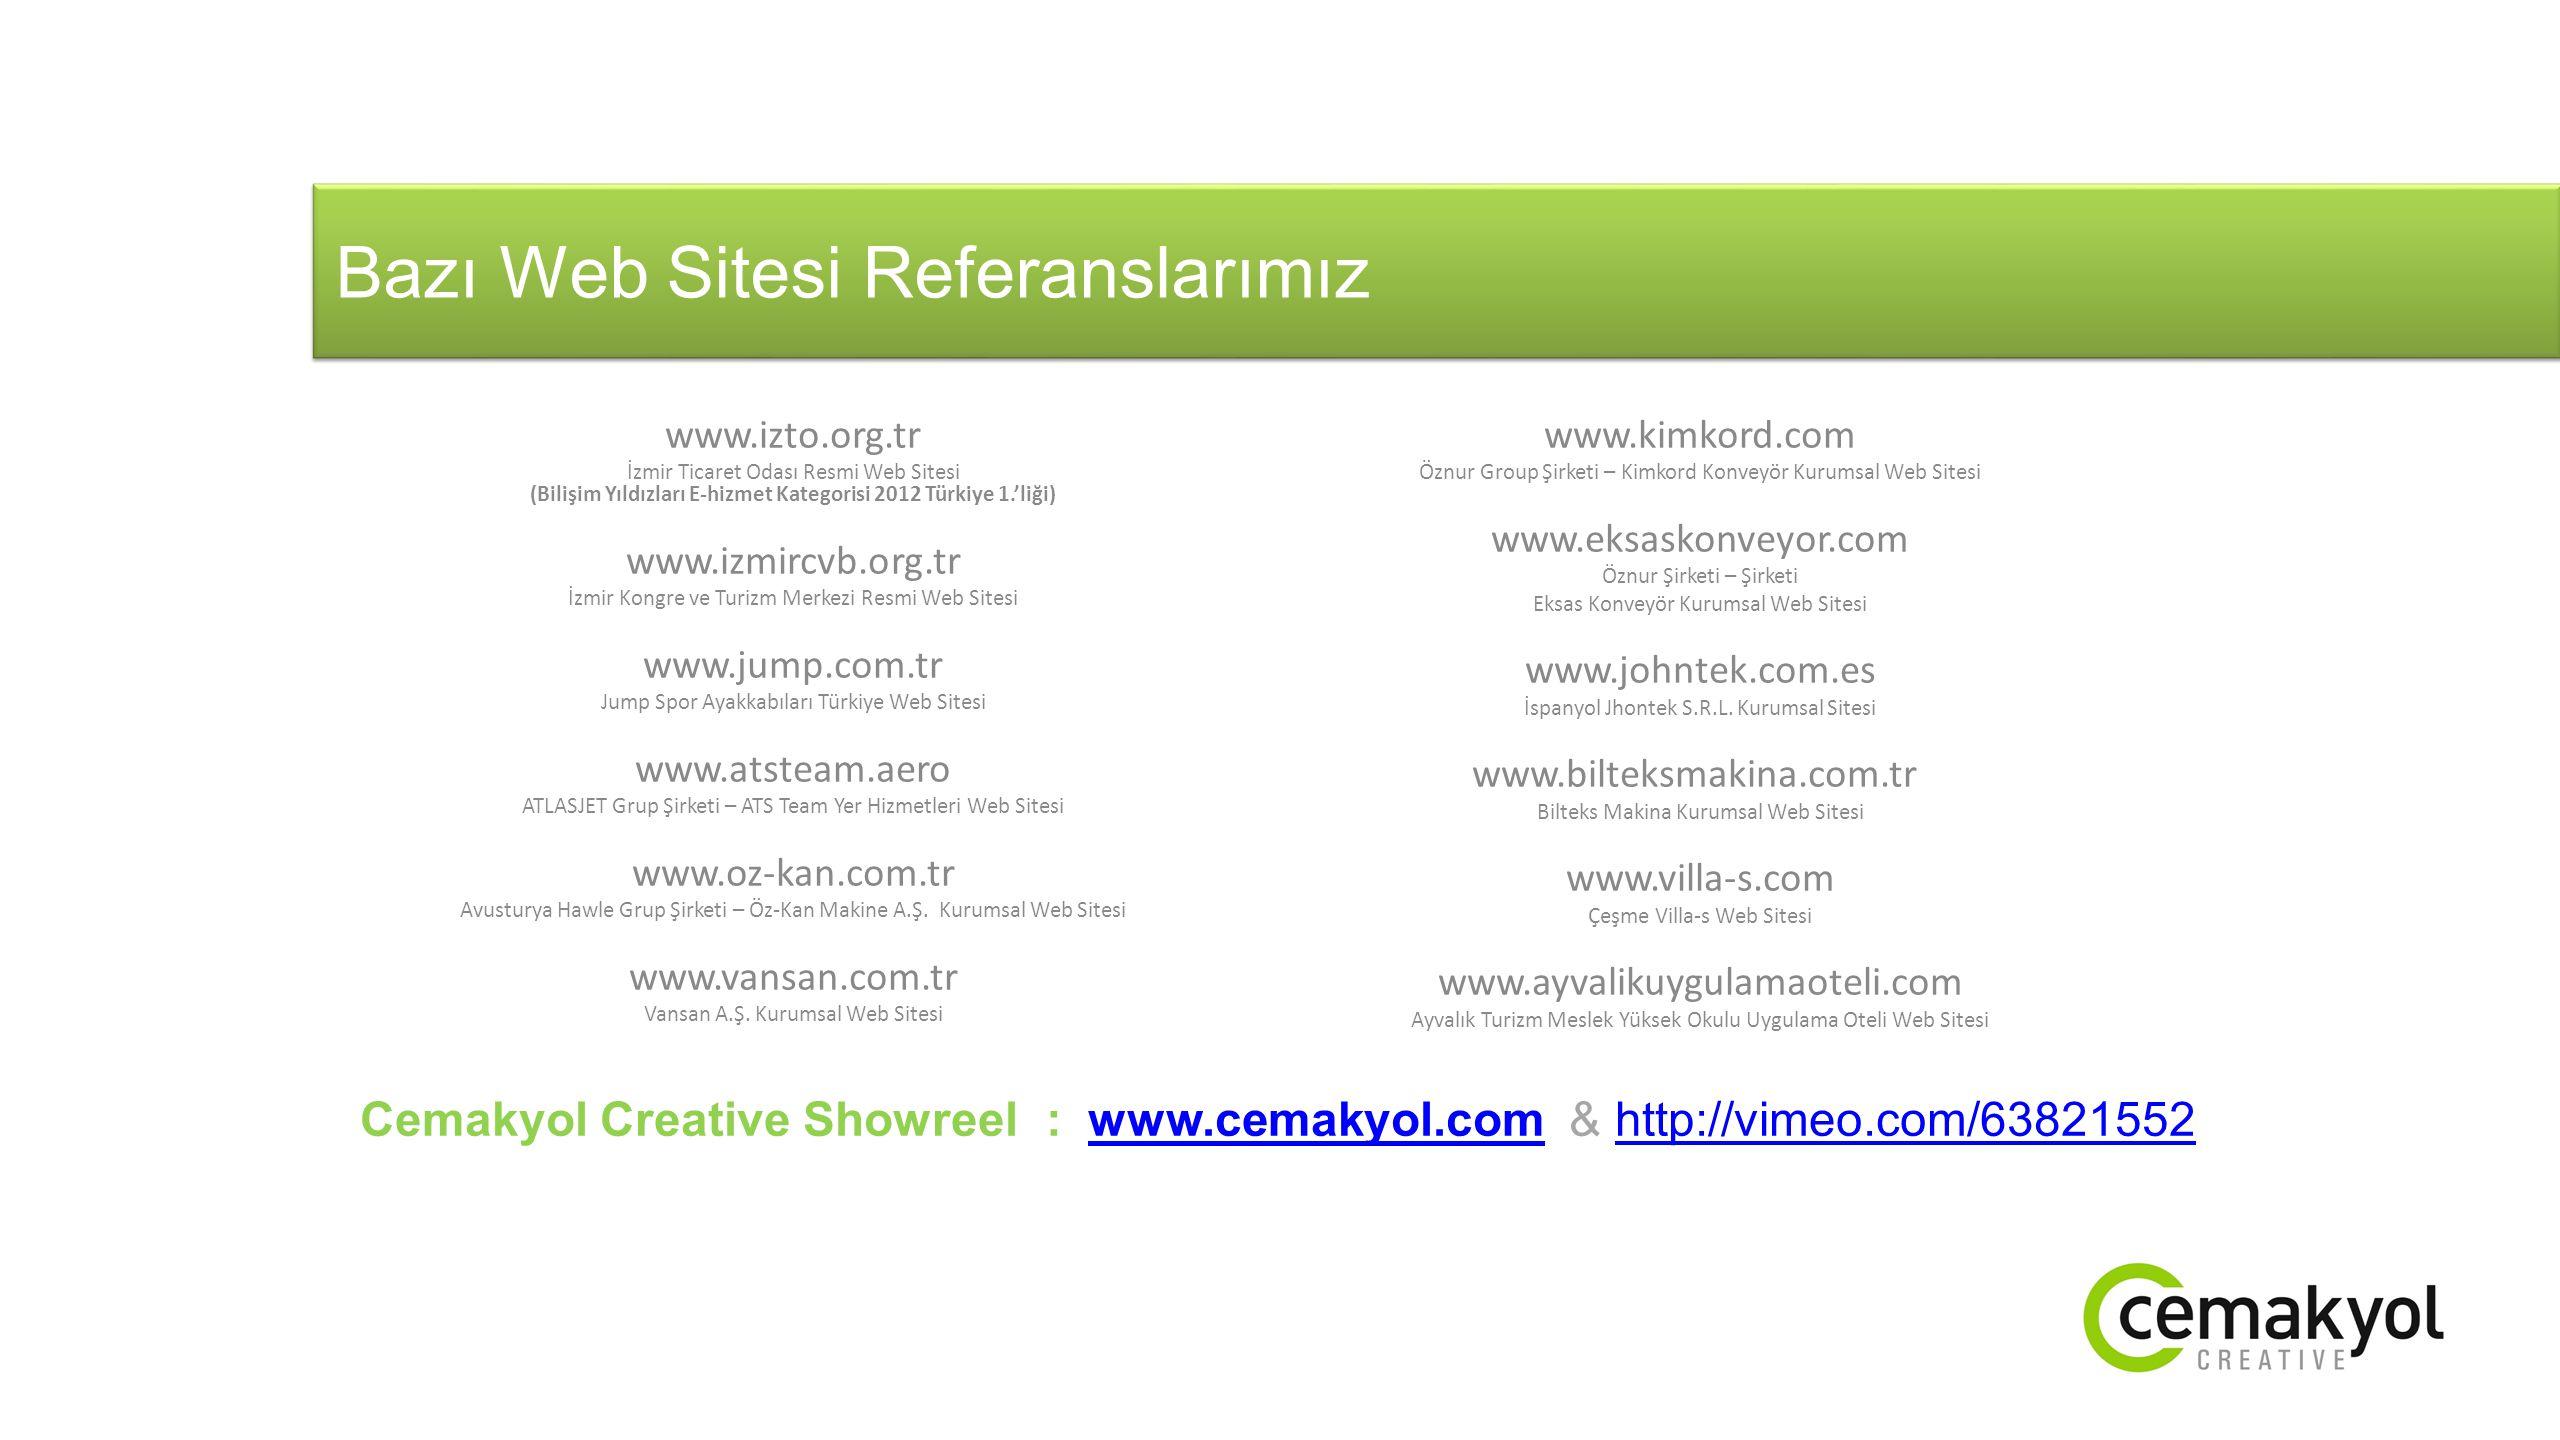 Bazı Web Sitesi Referanslarımız www.izto.org.tr İzmir Ticaret Odası Resmi Web Sitesi (Bilişim Yıldızları E-hizmet Kategorisi 2012 Türkiye 1.'liği) www.izmircvb.org.tr İzmir Kongre ve Turizm Merkezi Resmi Web Sitesi www.jump.com.tr Jump Spor Ayakkabıları Türkiye Web Sitesi www.atsteam.aero ATLASJET Grup Şirketi – ATS Team Yer Hizmetleri Web Sitesi www.oz-kan.com.tr Avusturya Hawle Grup Şirketi – Öz-Kan Makine A.Ş.